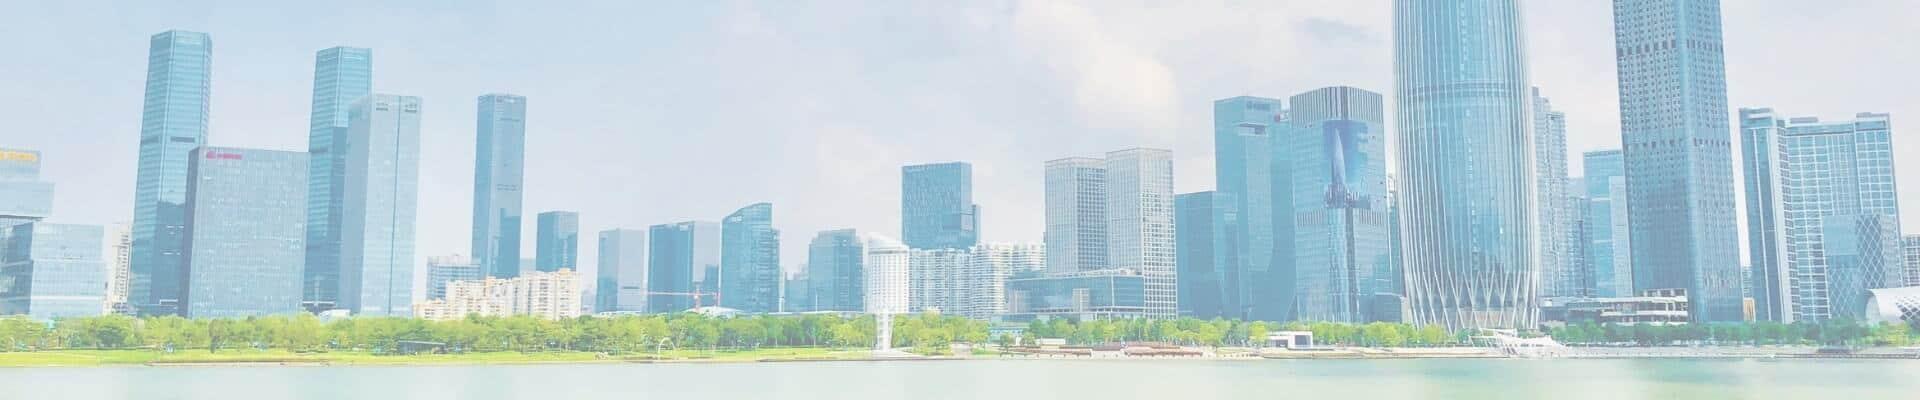 恭喜 InQuartik CEO 周延鵬 YP Jou 榮獲2018年全球專利40大人物-第15名